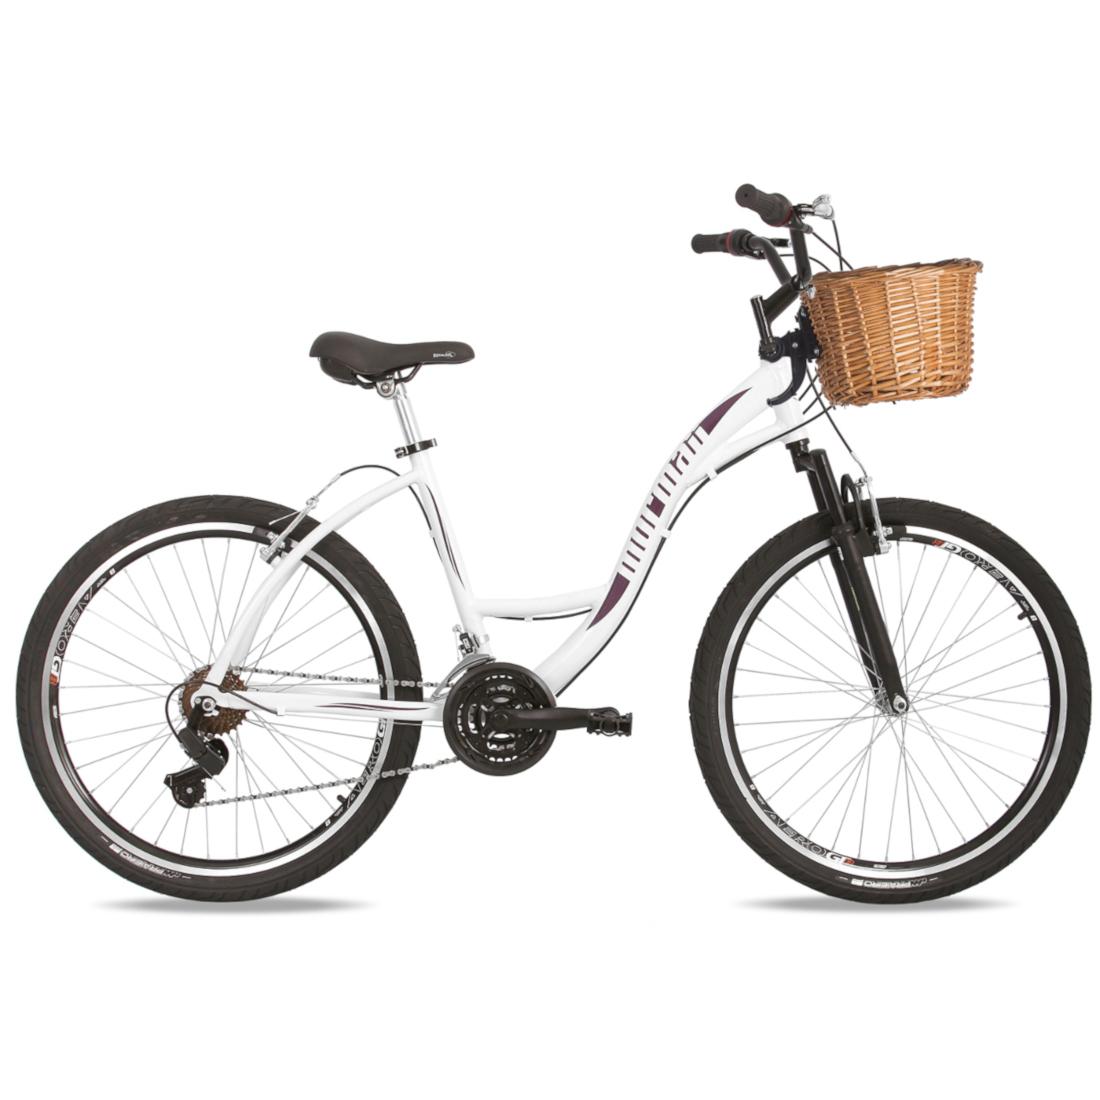 Bicicleta Passeio Aro 26 Alumínio 21V Suspensão Sunset Mormaii Cestinha de Vime